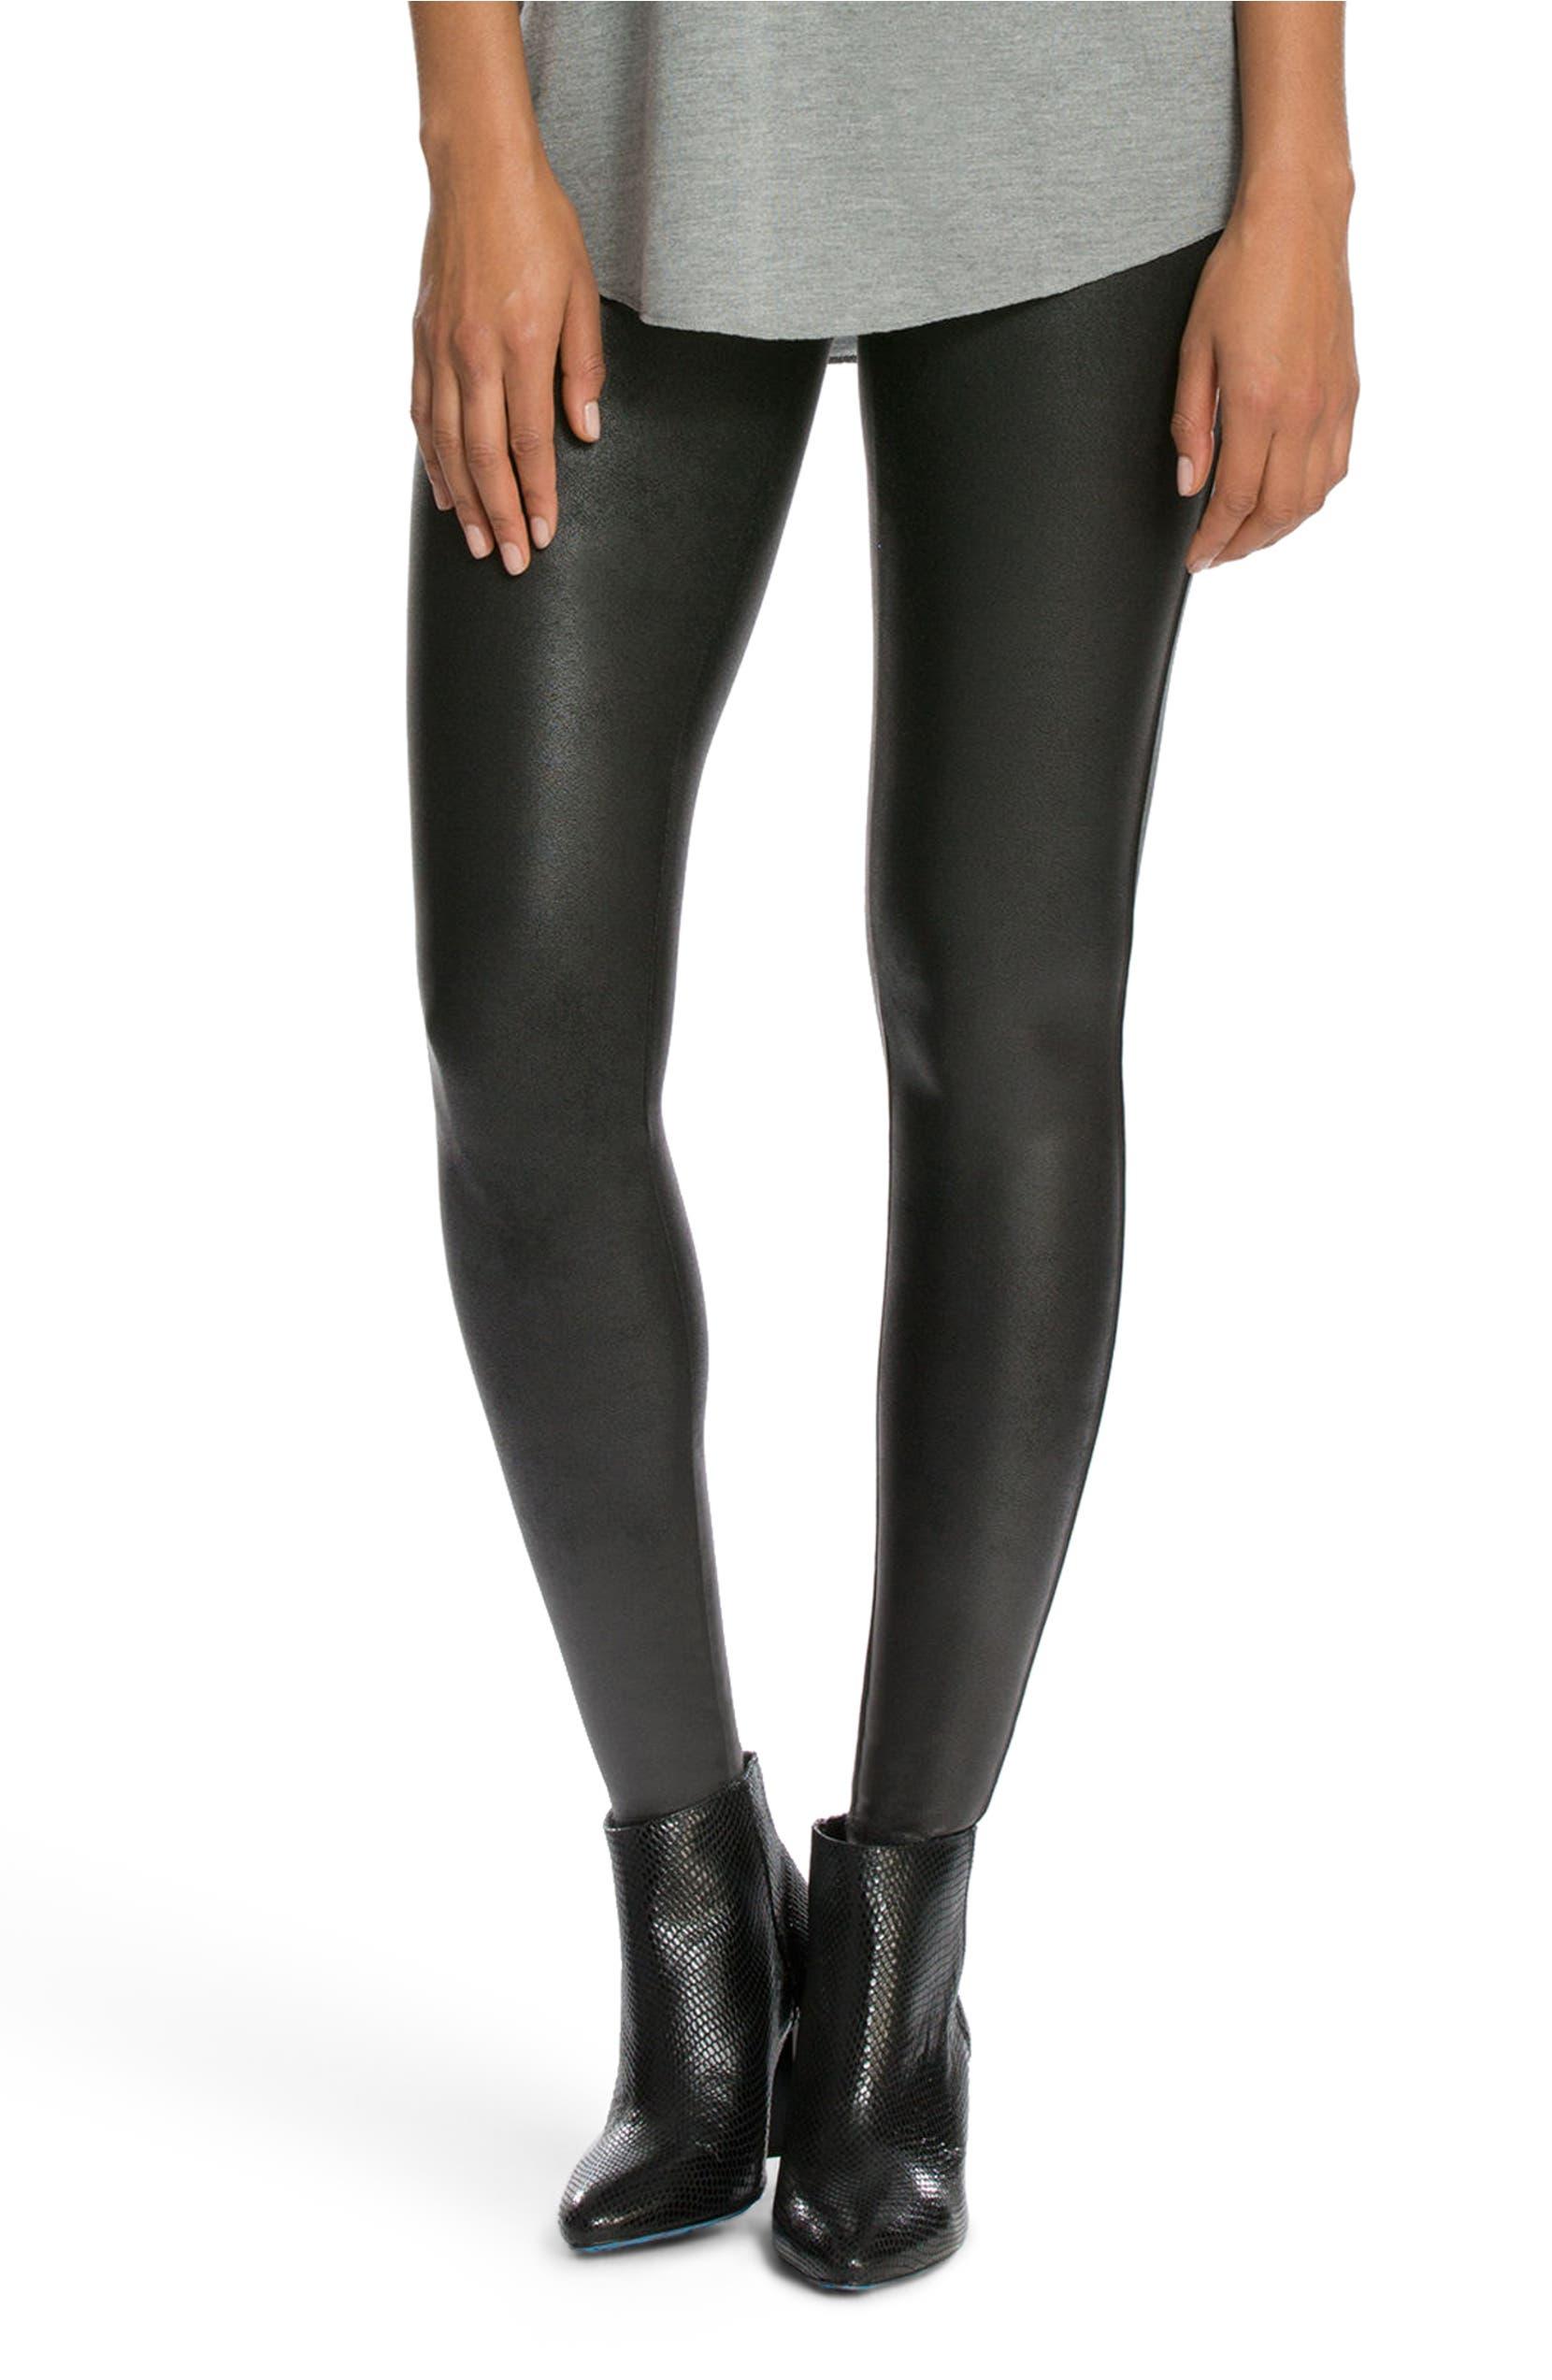 95c5746e7c2fa SPANX® Faux Leather Leggings